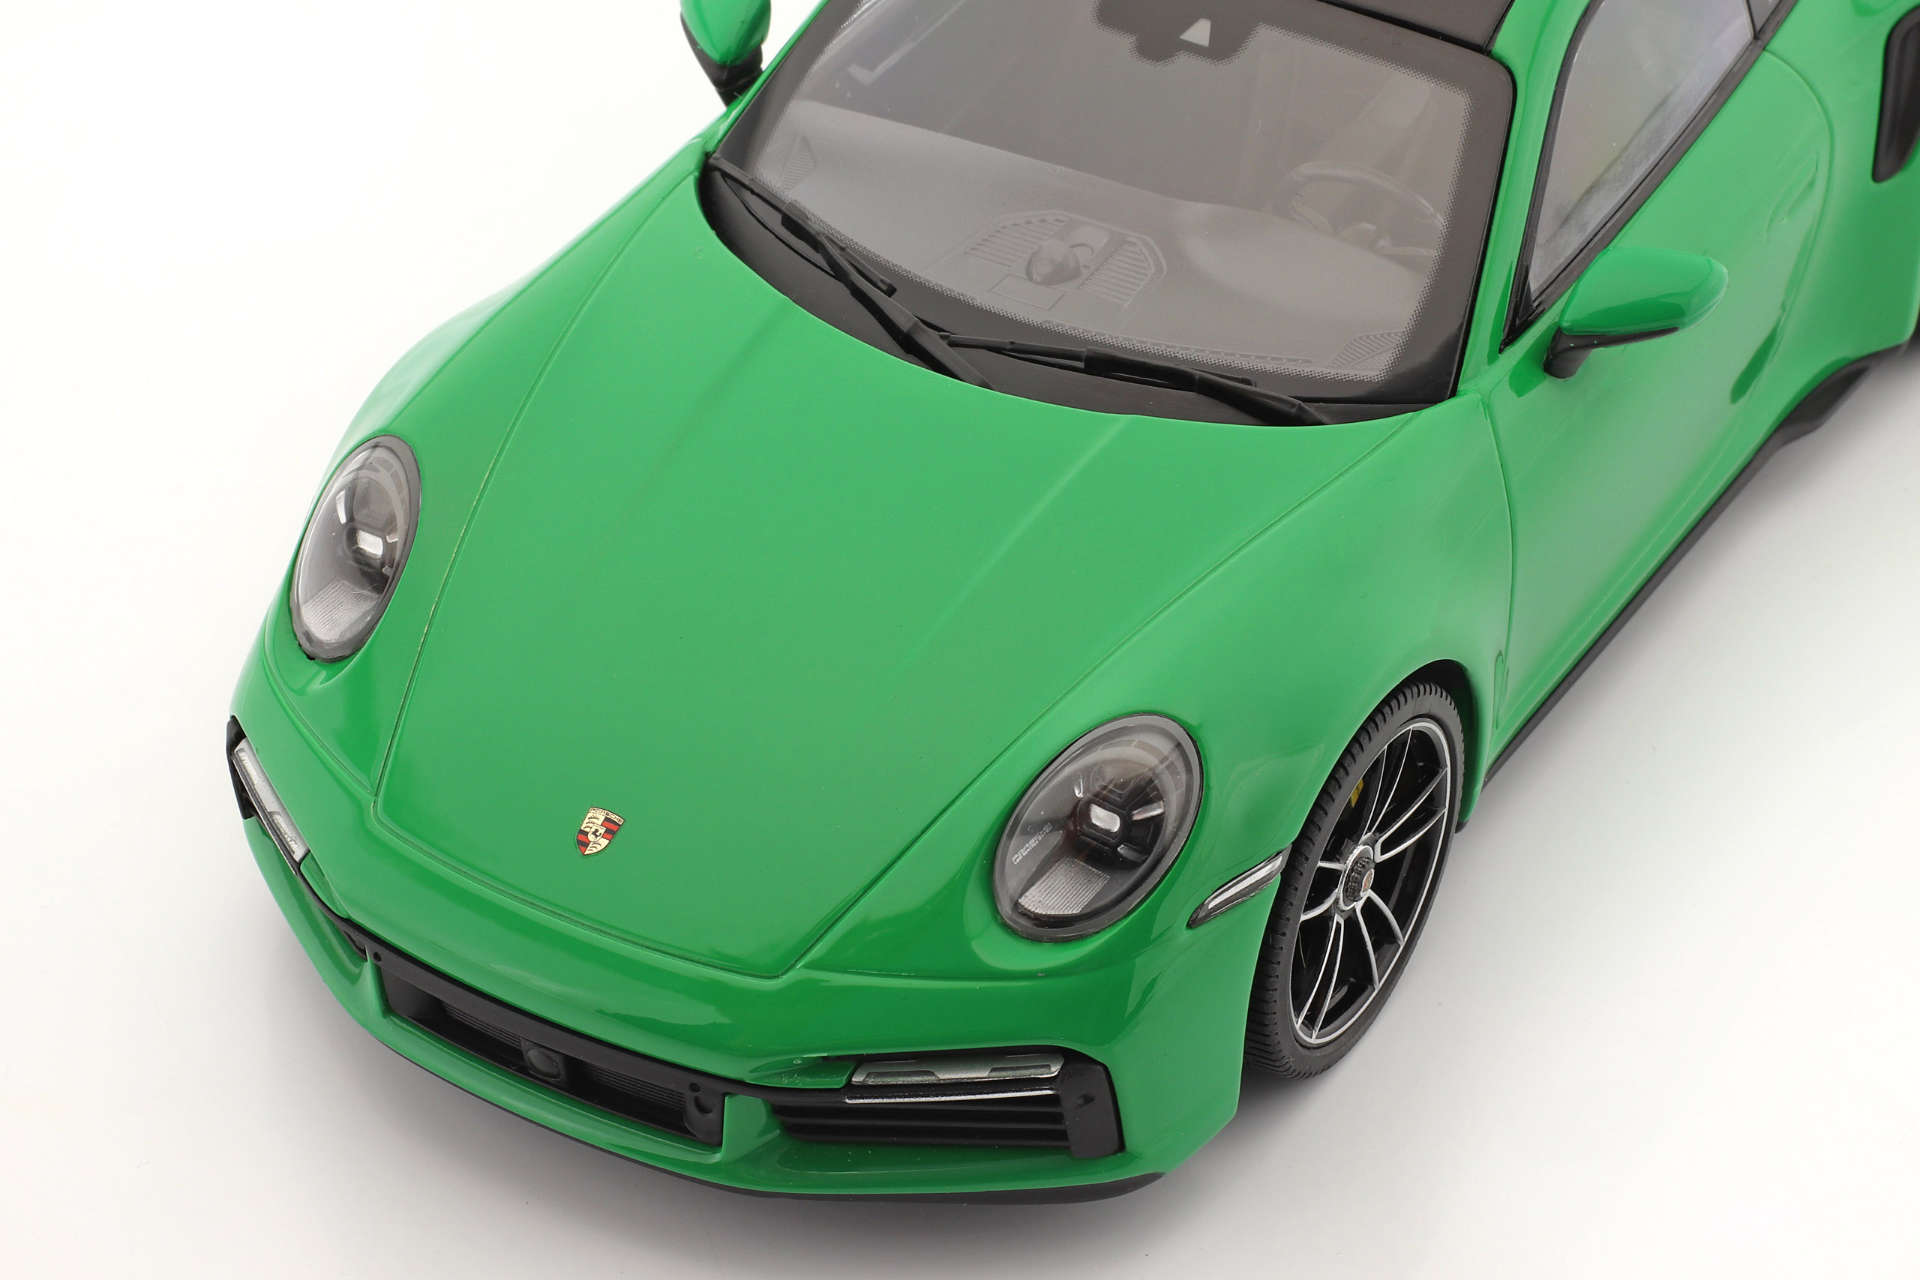 Minichamps Porsche 911 992 turbo pythongrün